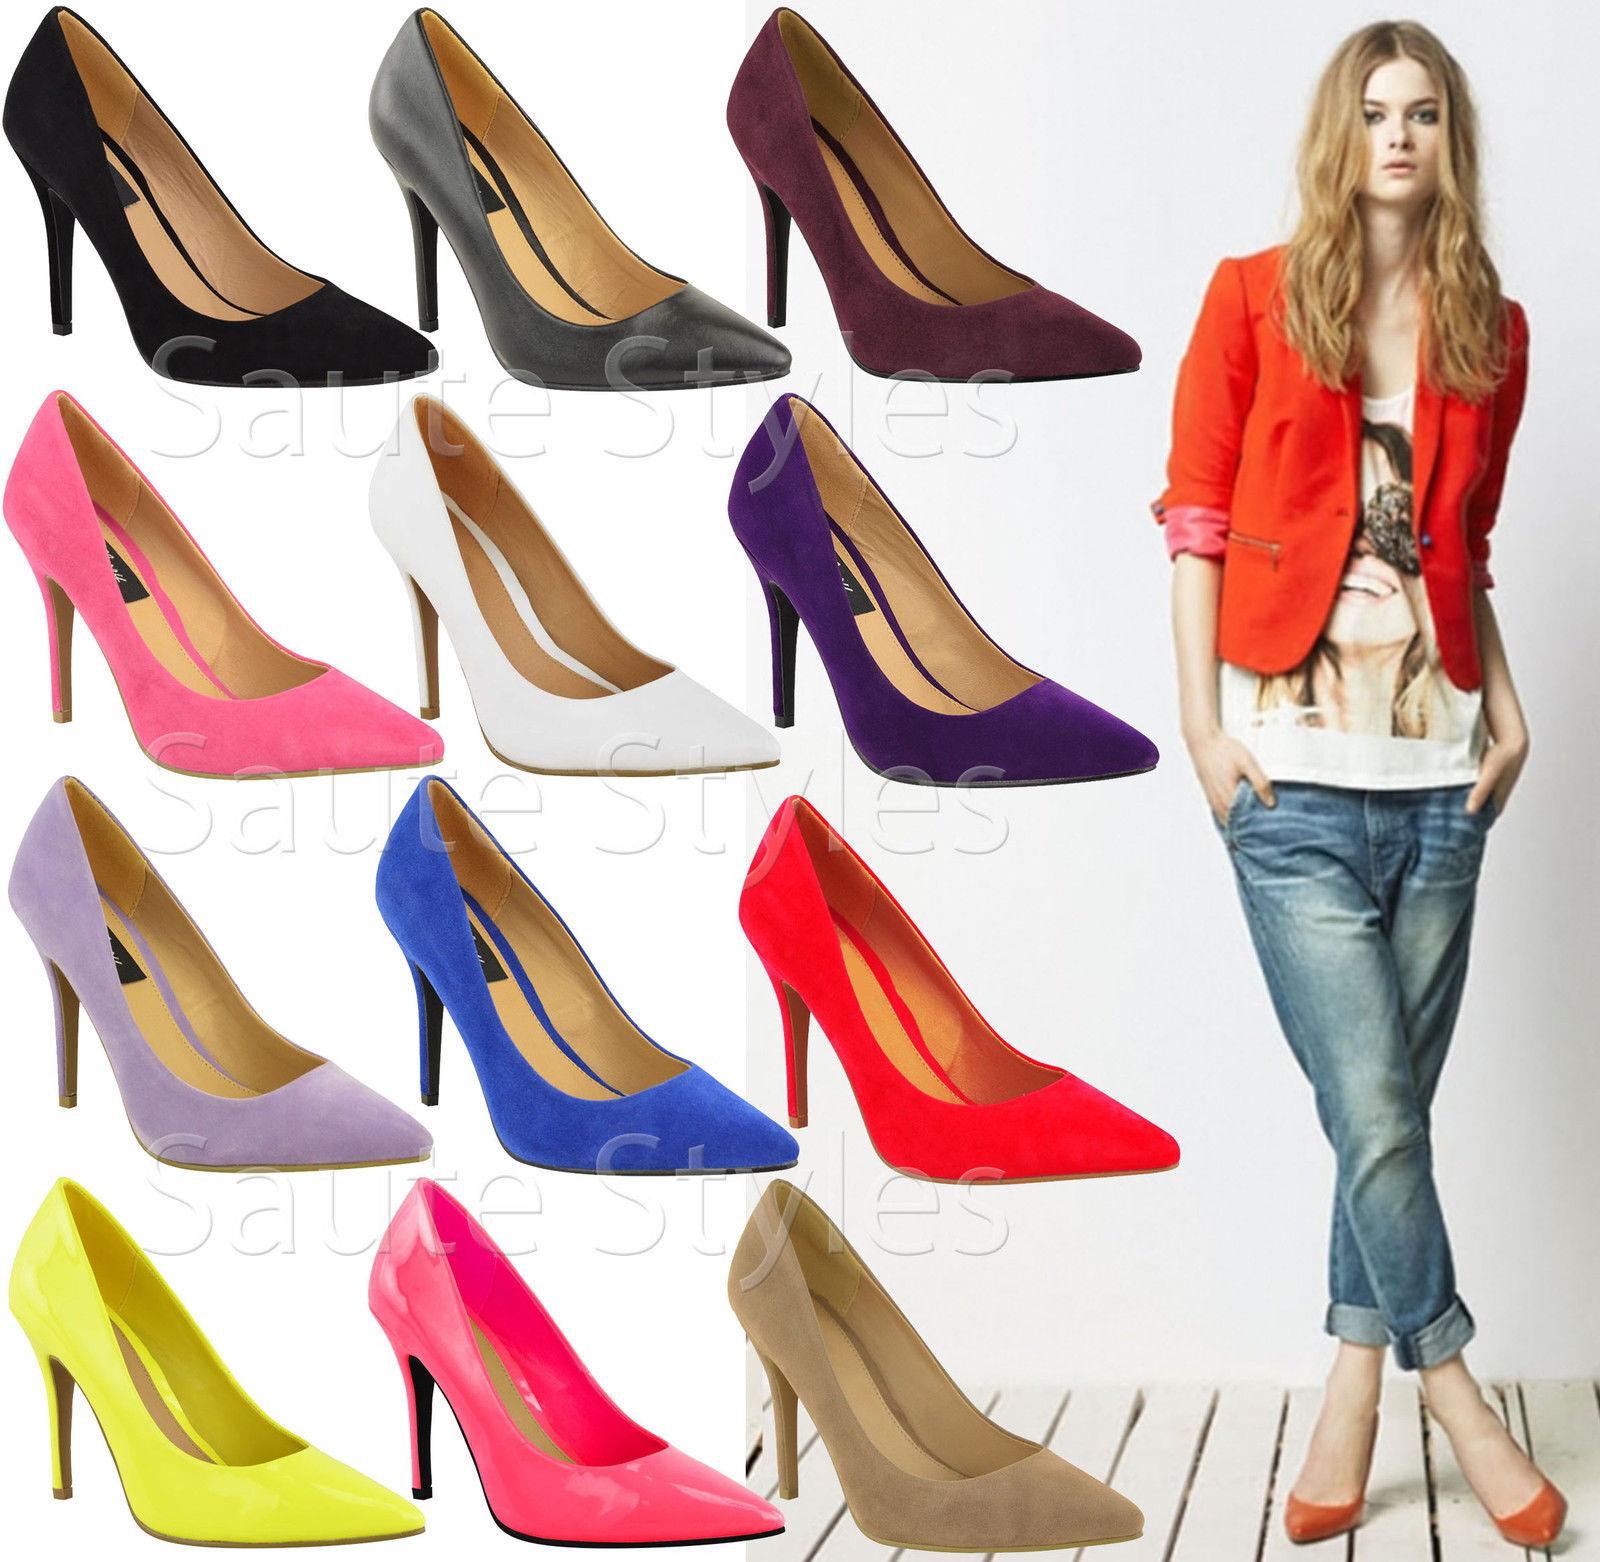 Ladies Low Mid High Stiletto Work Heels Pointy Pump Women Work Stiletto Smart Court Shoes Size 4e5947